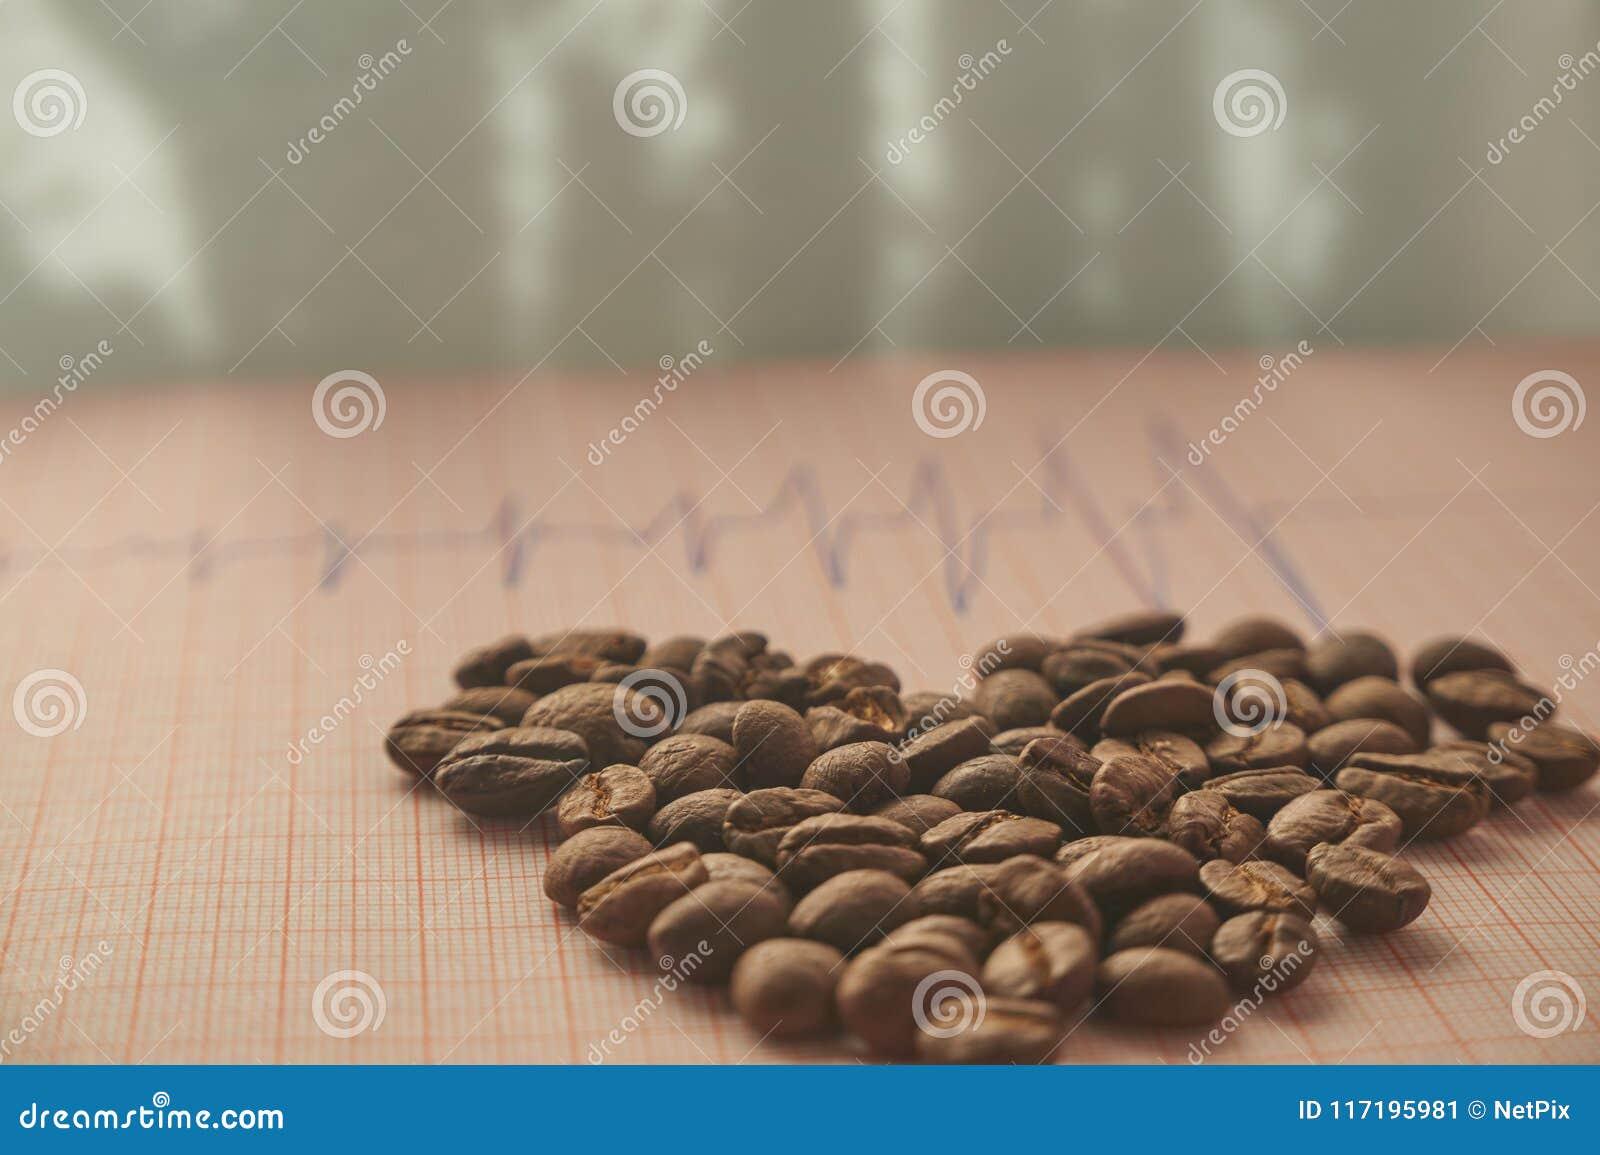 Χαλαρά ψημένα φασόλια καφέ σε μια επισήμανση ECG